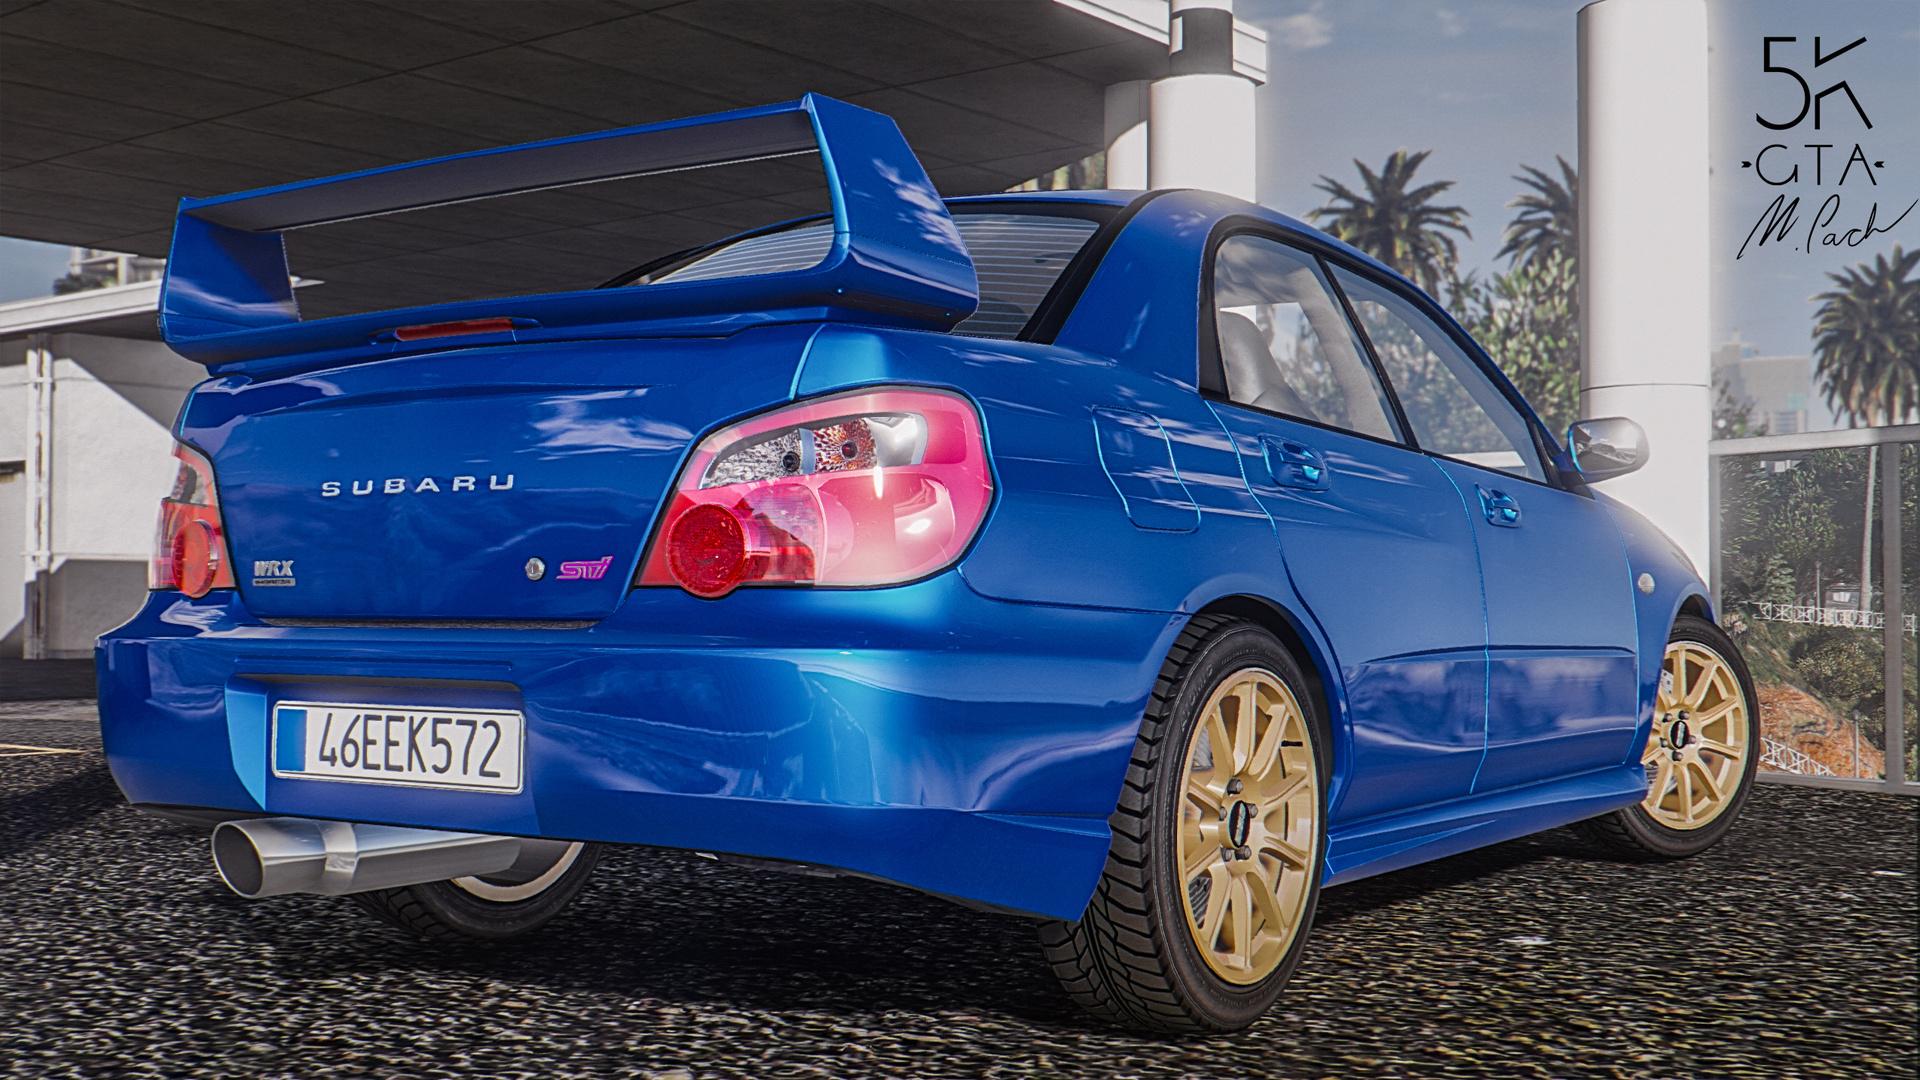 Subaru Impreza WRX STI 2004 AddOn  Tuning  GTA5Modscom